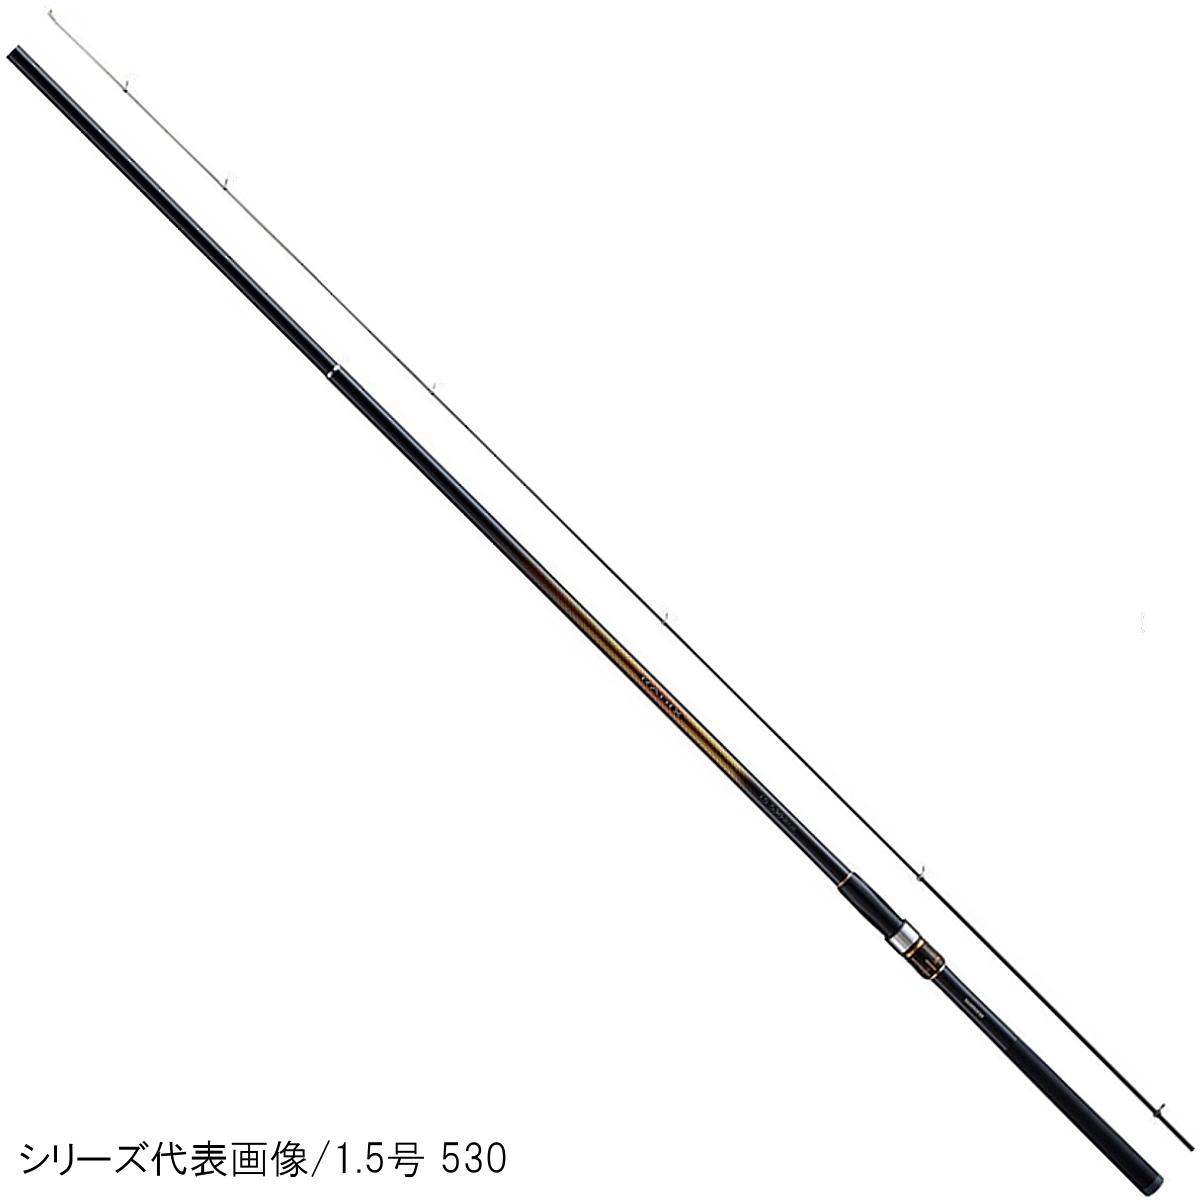 シマノ ラディックス 1.2号 530(東日本店)